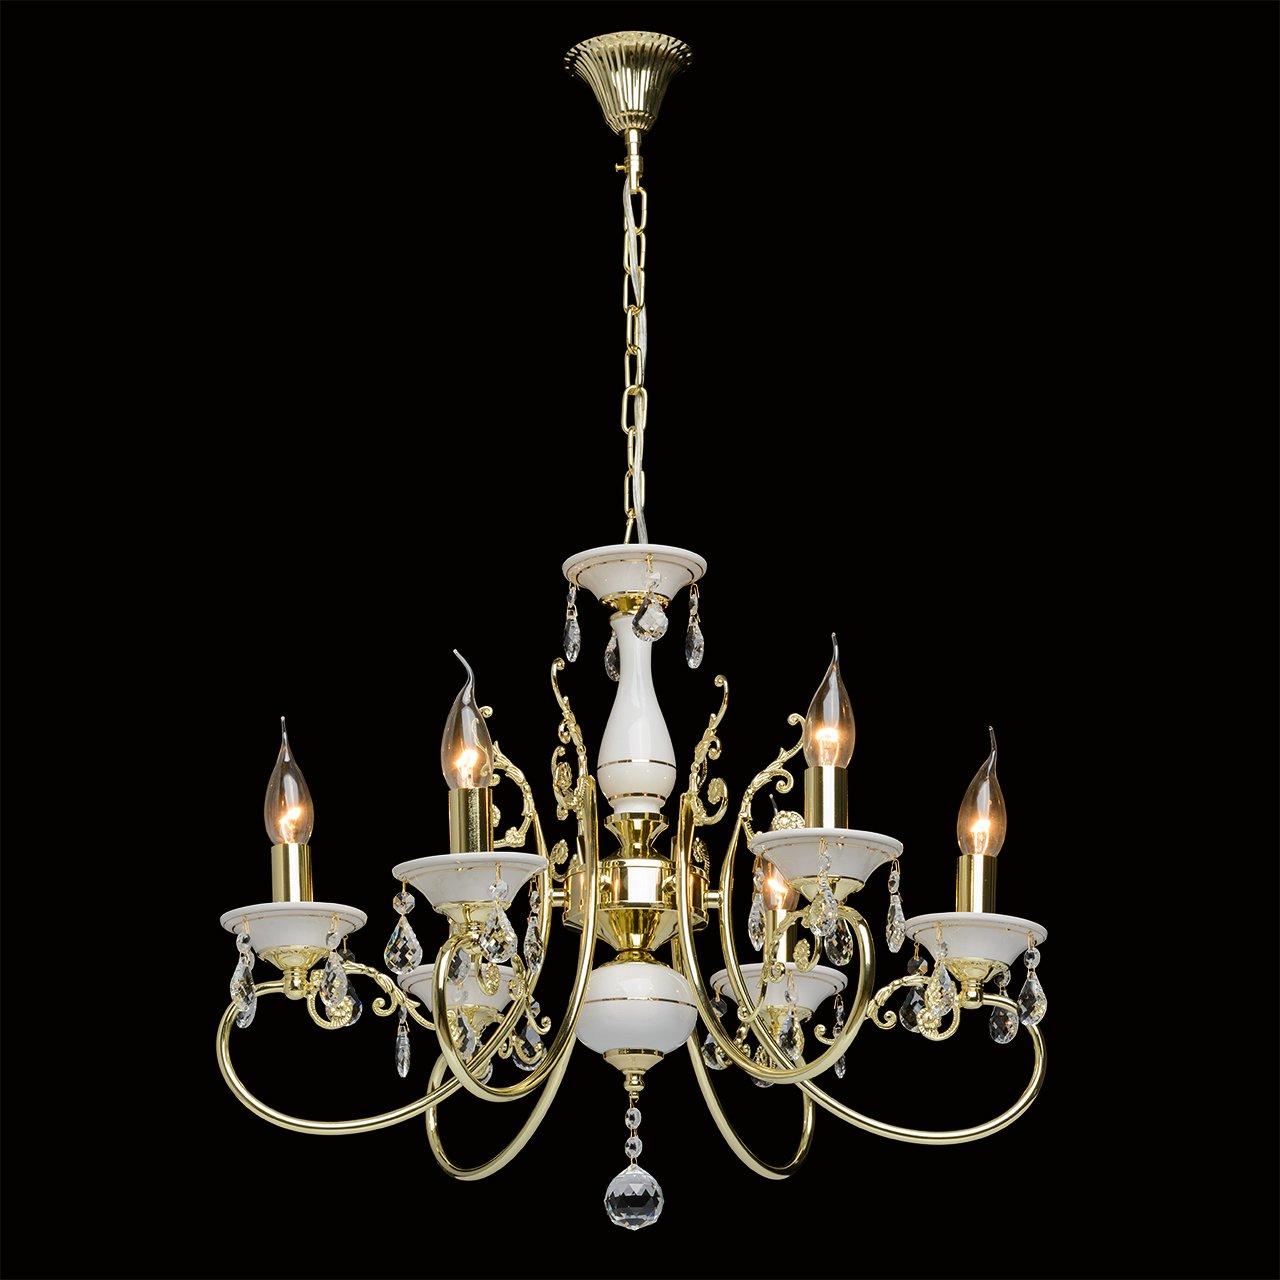 Illuminazione 5x60W E14 Bianco e Oro Stile Classico Ø52 cm ...